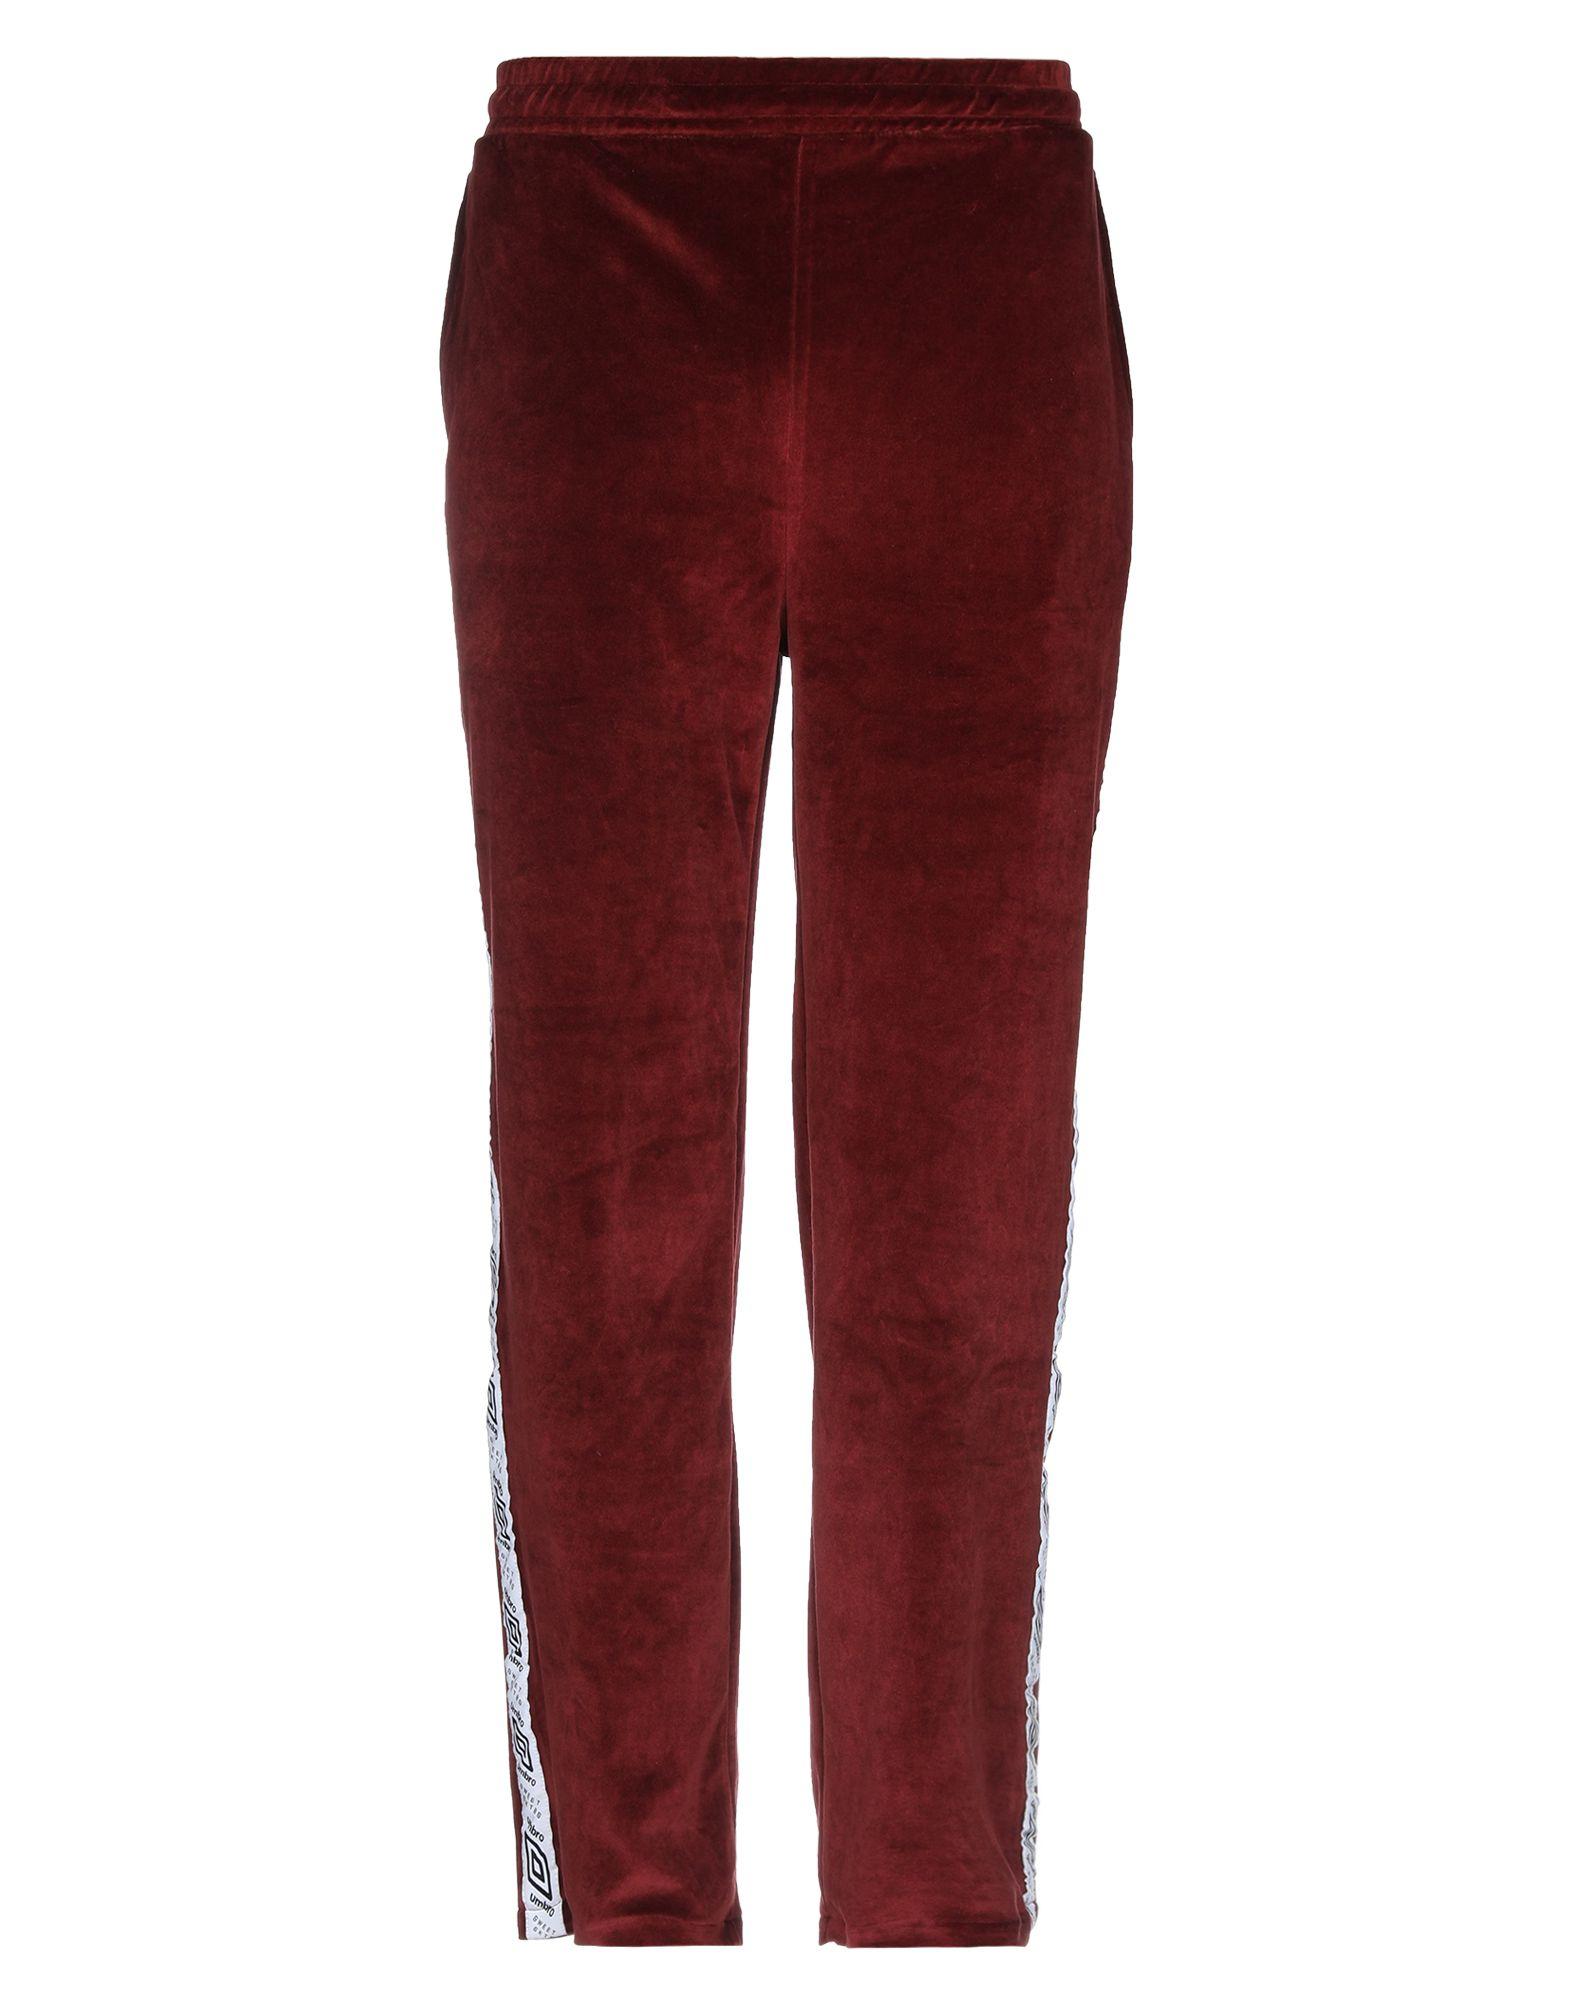 SWEET SKTBS x UMBRO Повседневные брюки adidas x yeezy повседневные брюки